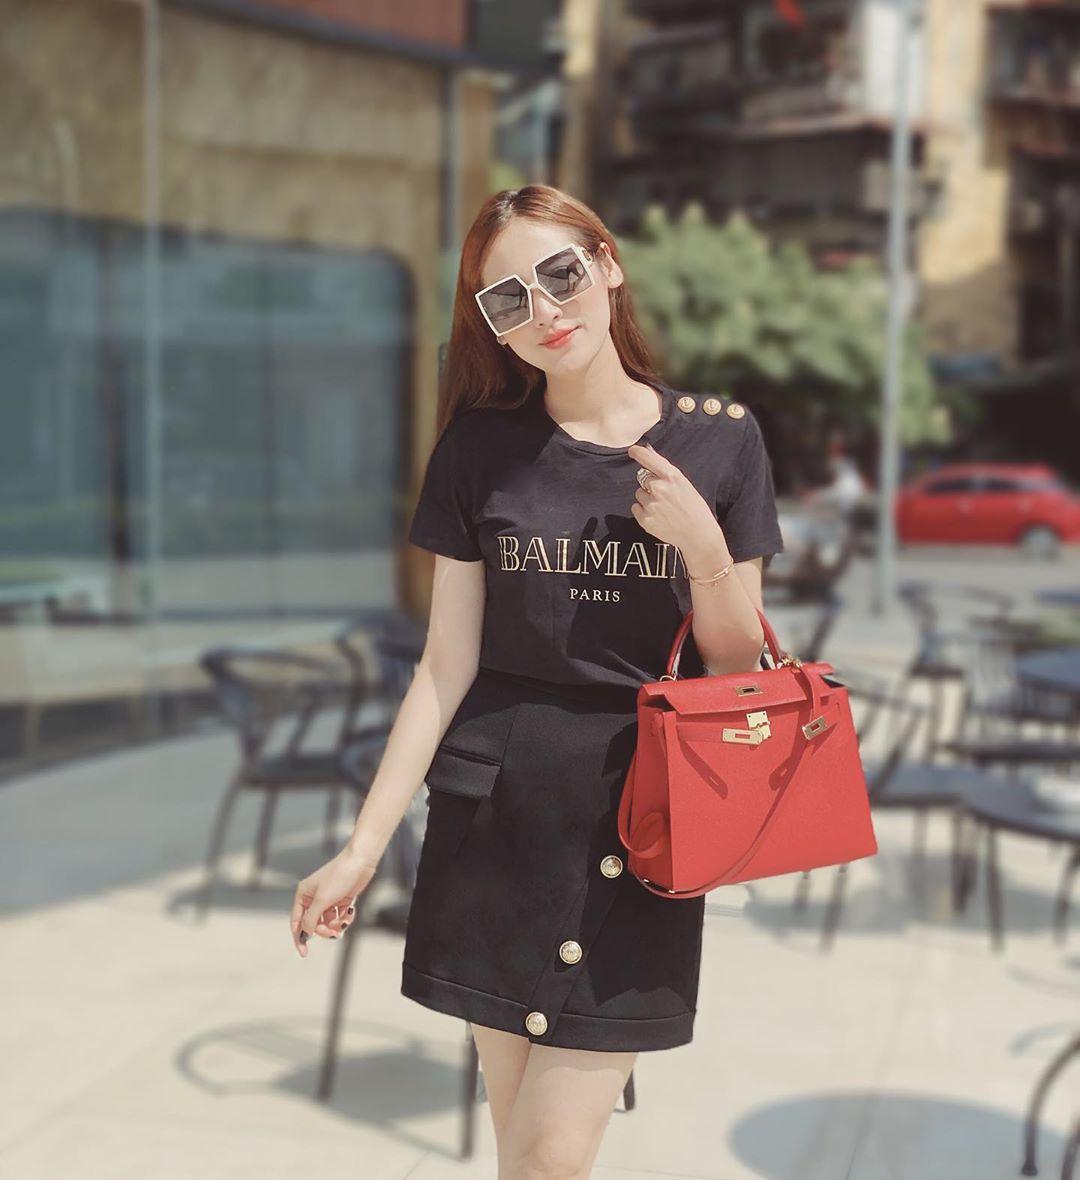 Các mỹ nhân Việt có loạt cách diện chân váy siêu xinh, bạn áp dụng thì sẽ đẹp mọi lúc mọi nơi - Ảnh 5.